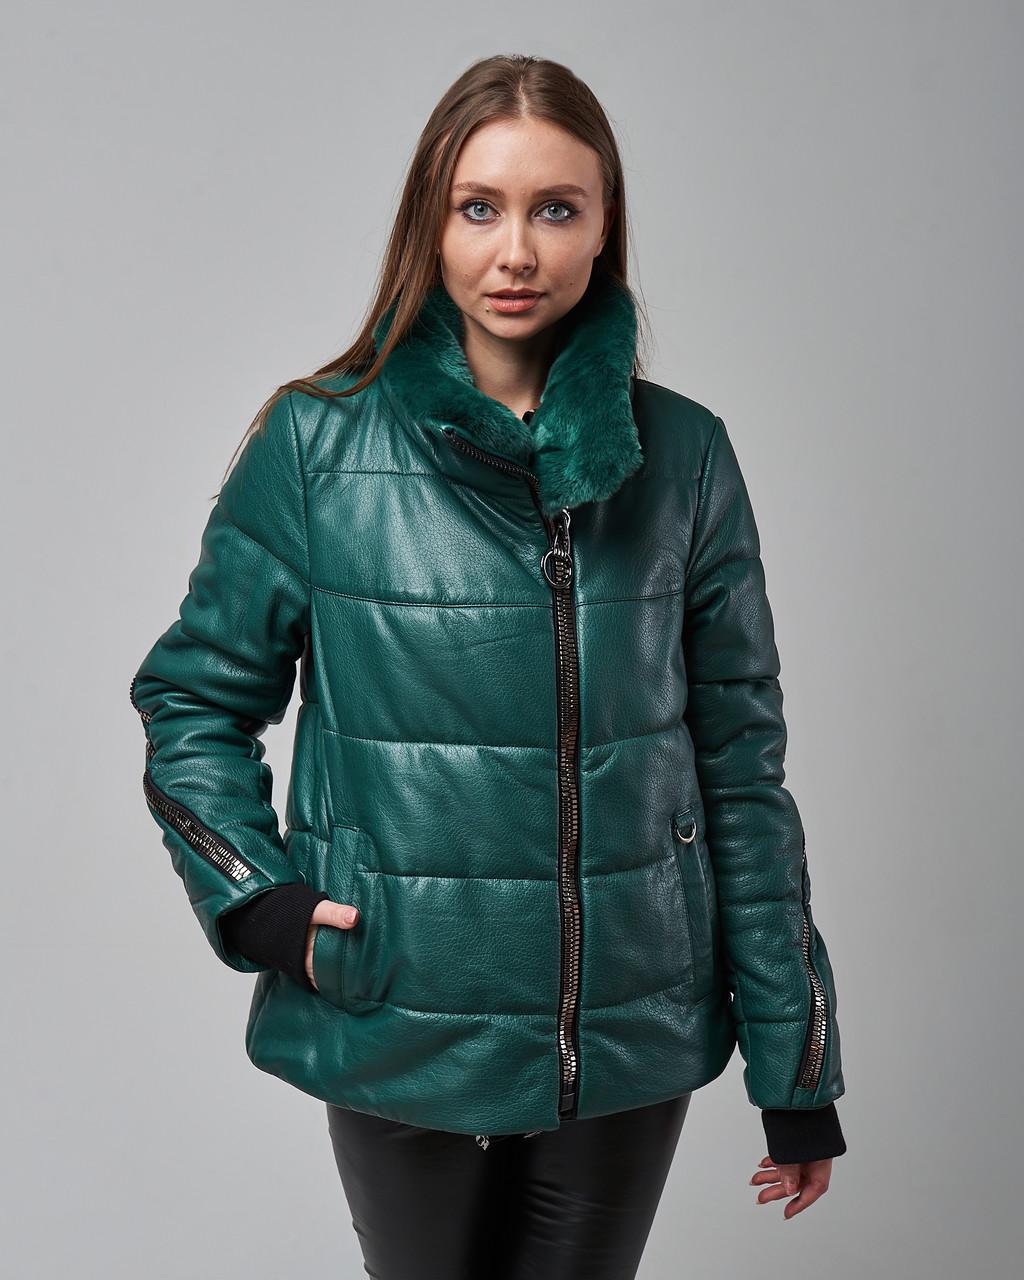 Женская теплая кожаная куртка зеленая с мехом шиншилы. Турция